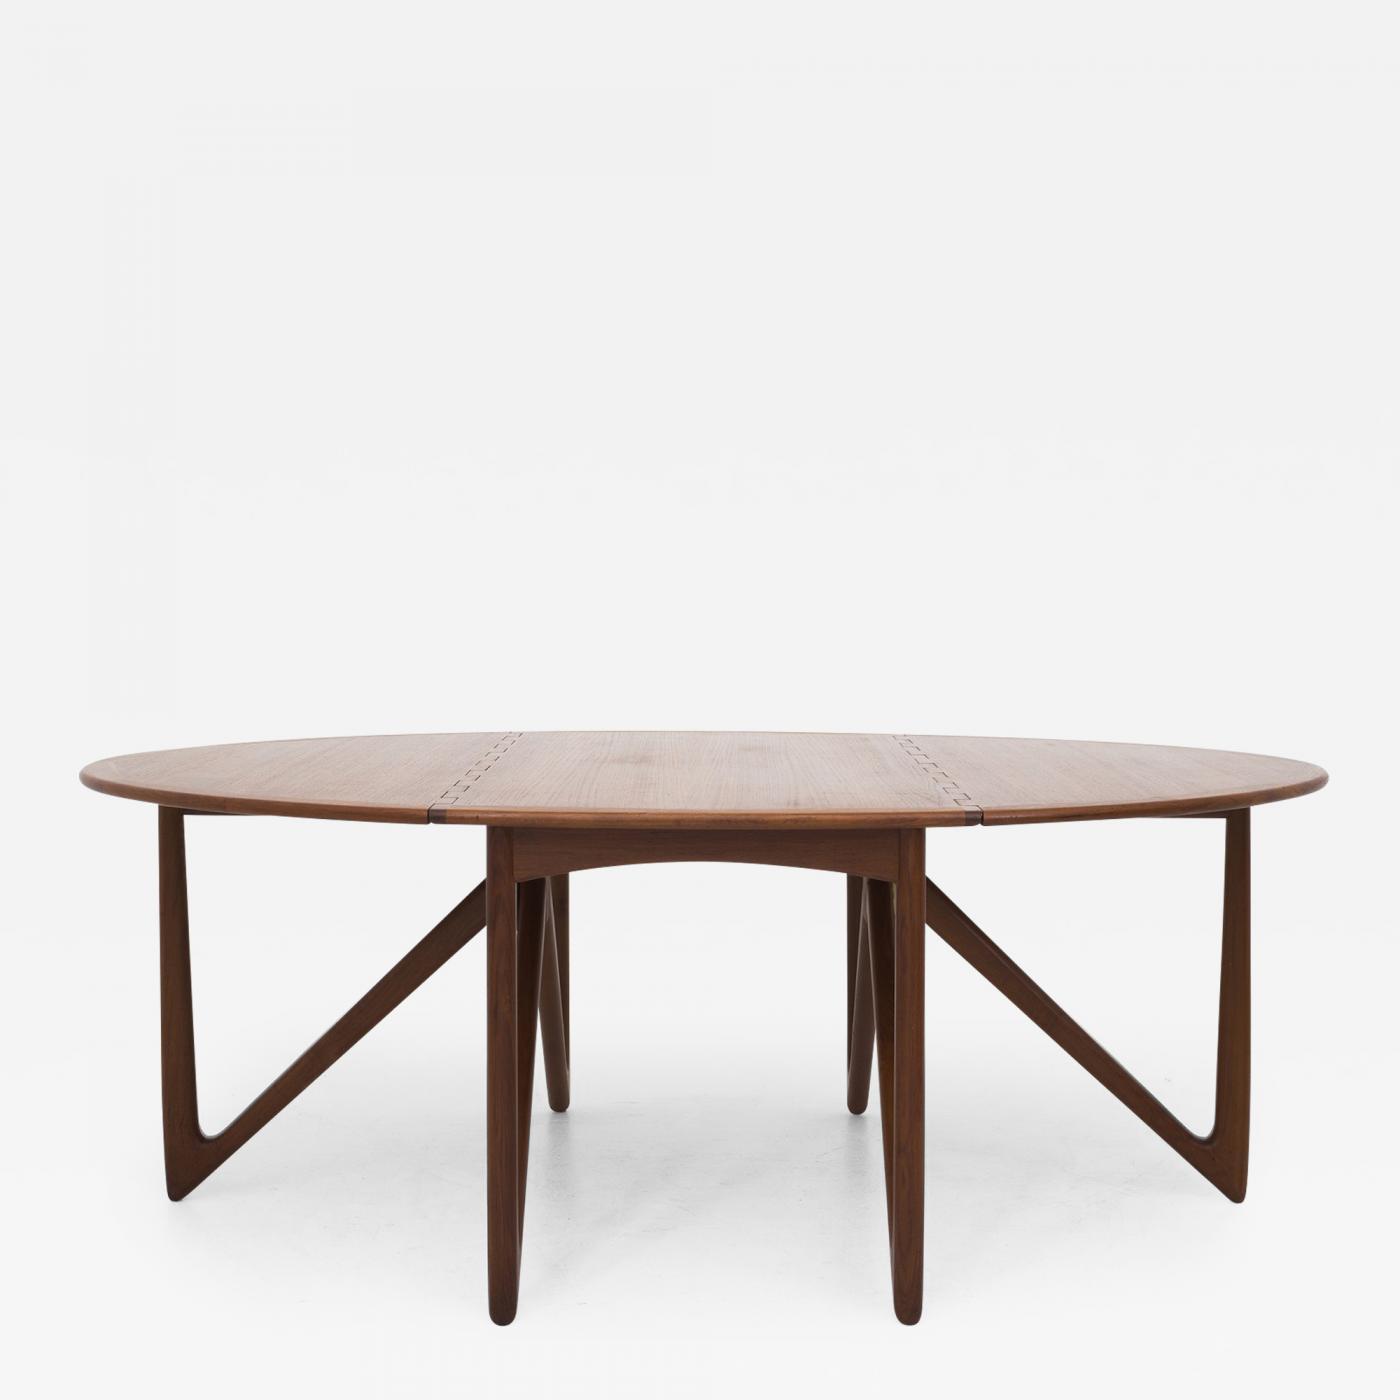 Niels koefoed gateleg dining table for Gateleg dining table